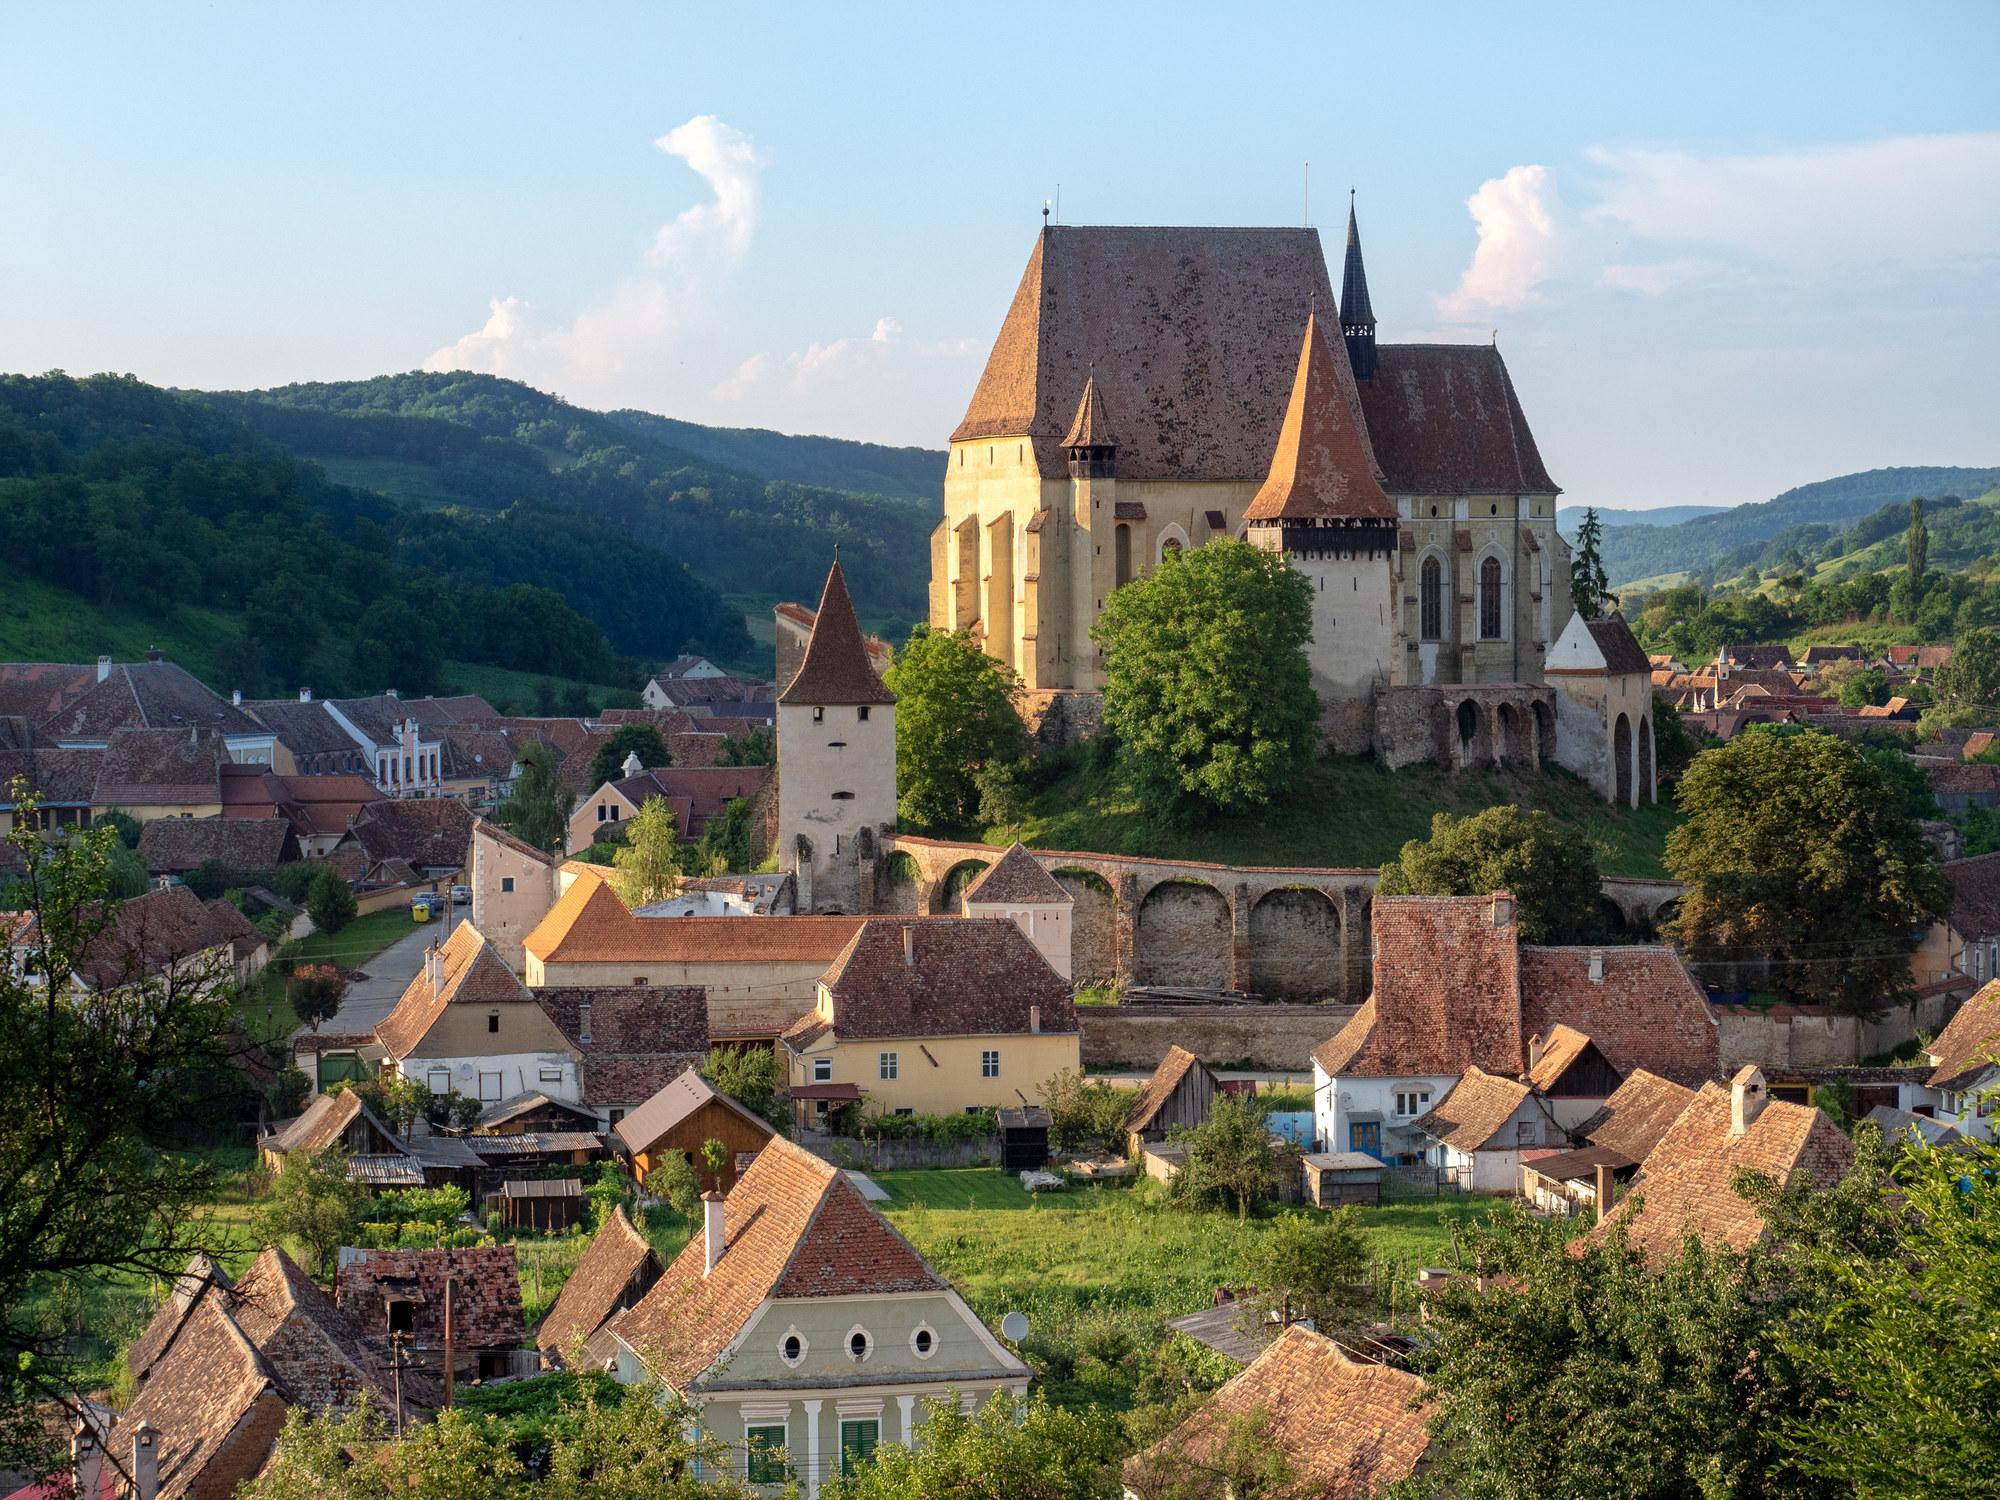 A UNESCO World Heritage Site in Transylvania, Romania.